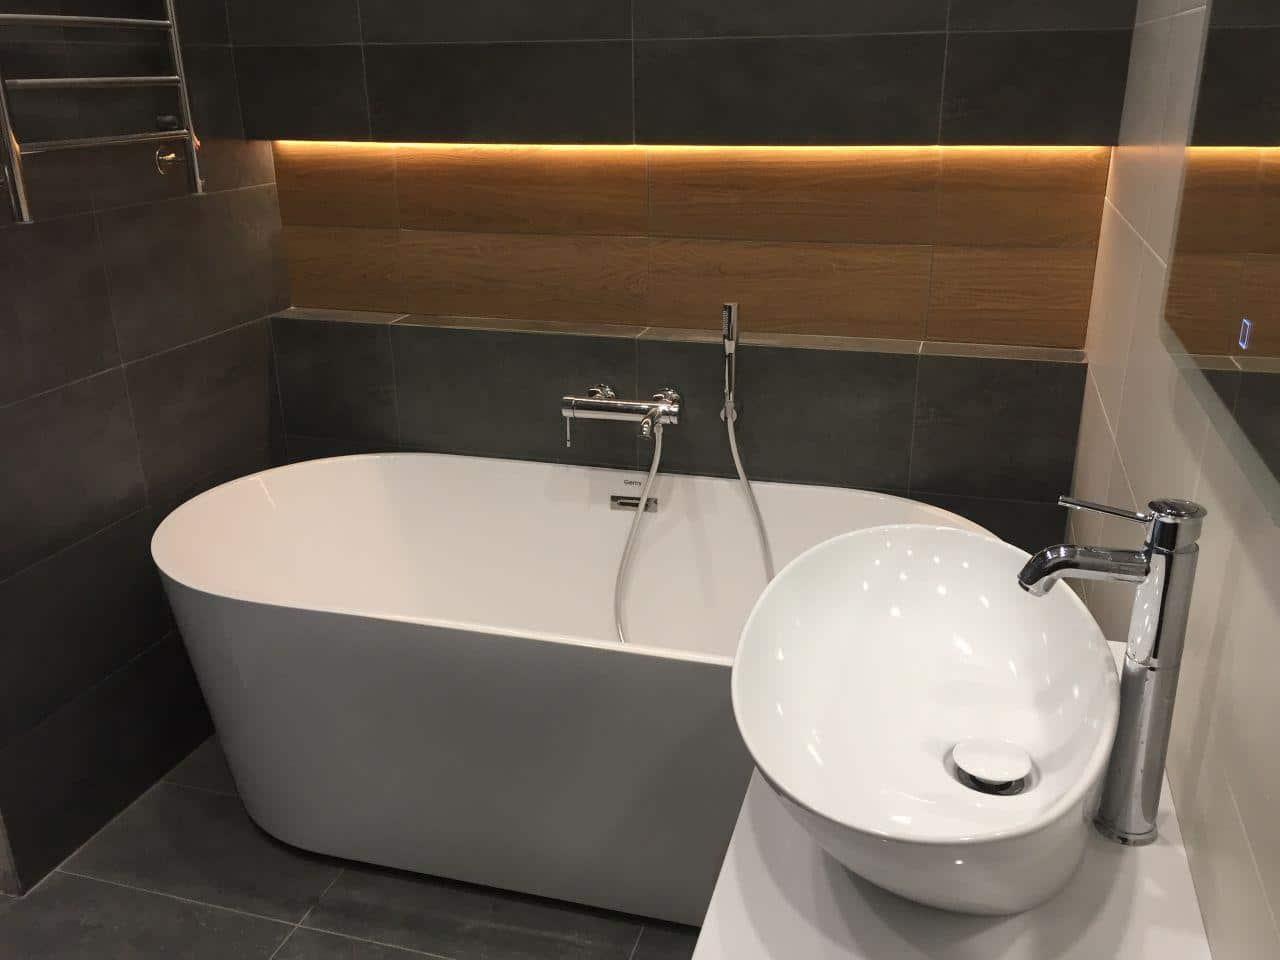 Темная отдельная ванна с подсветкой и шишей по всей длинне. Дизайн проект квартиры в ЖК на улице Веерная, 54.